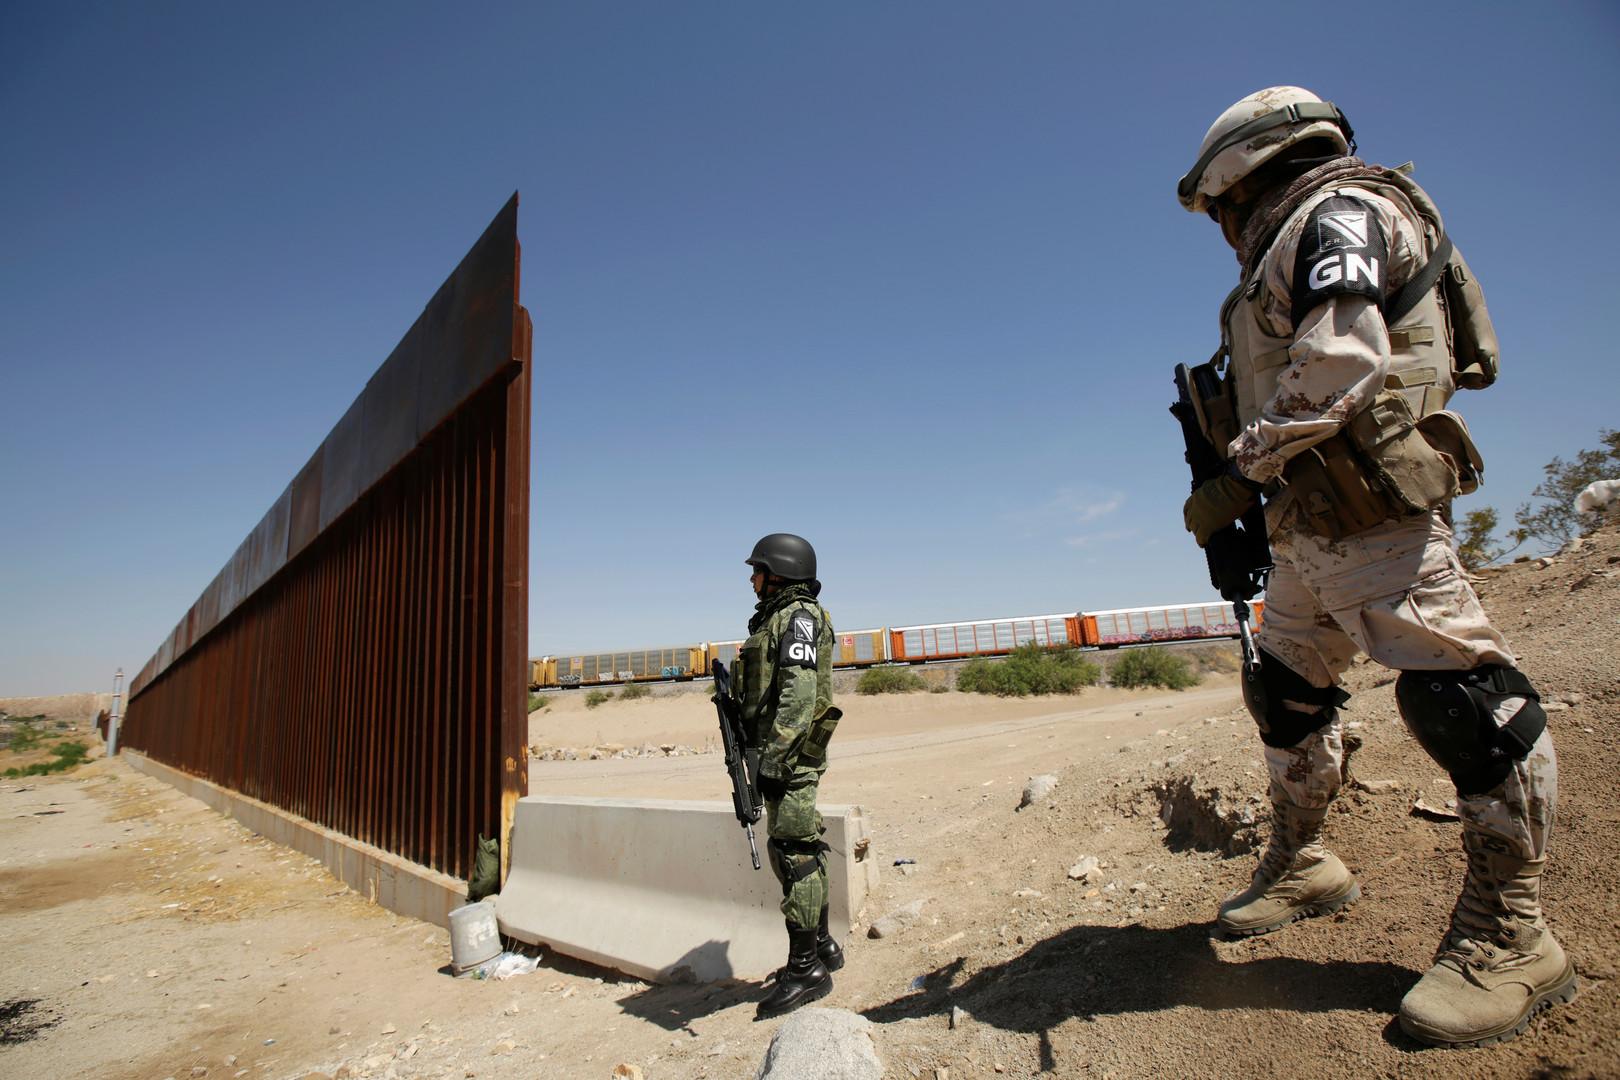 المكسيك تضبط 51 مهاجرا مخالفا في شاحنة واحدة